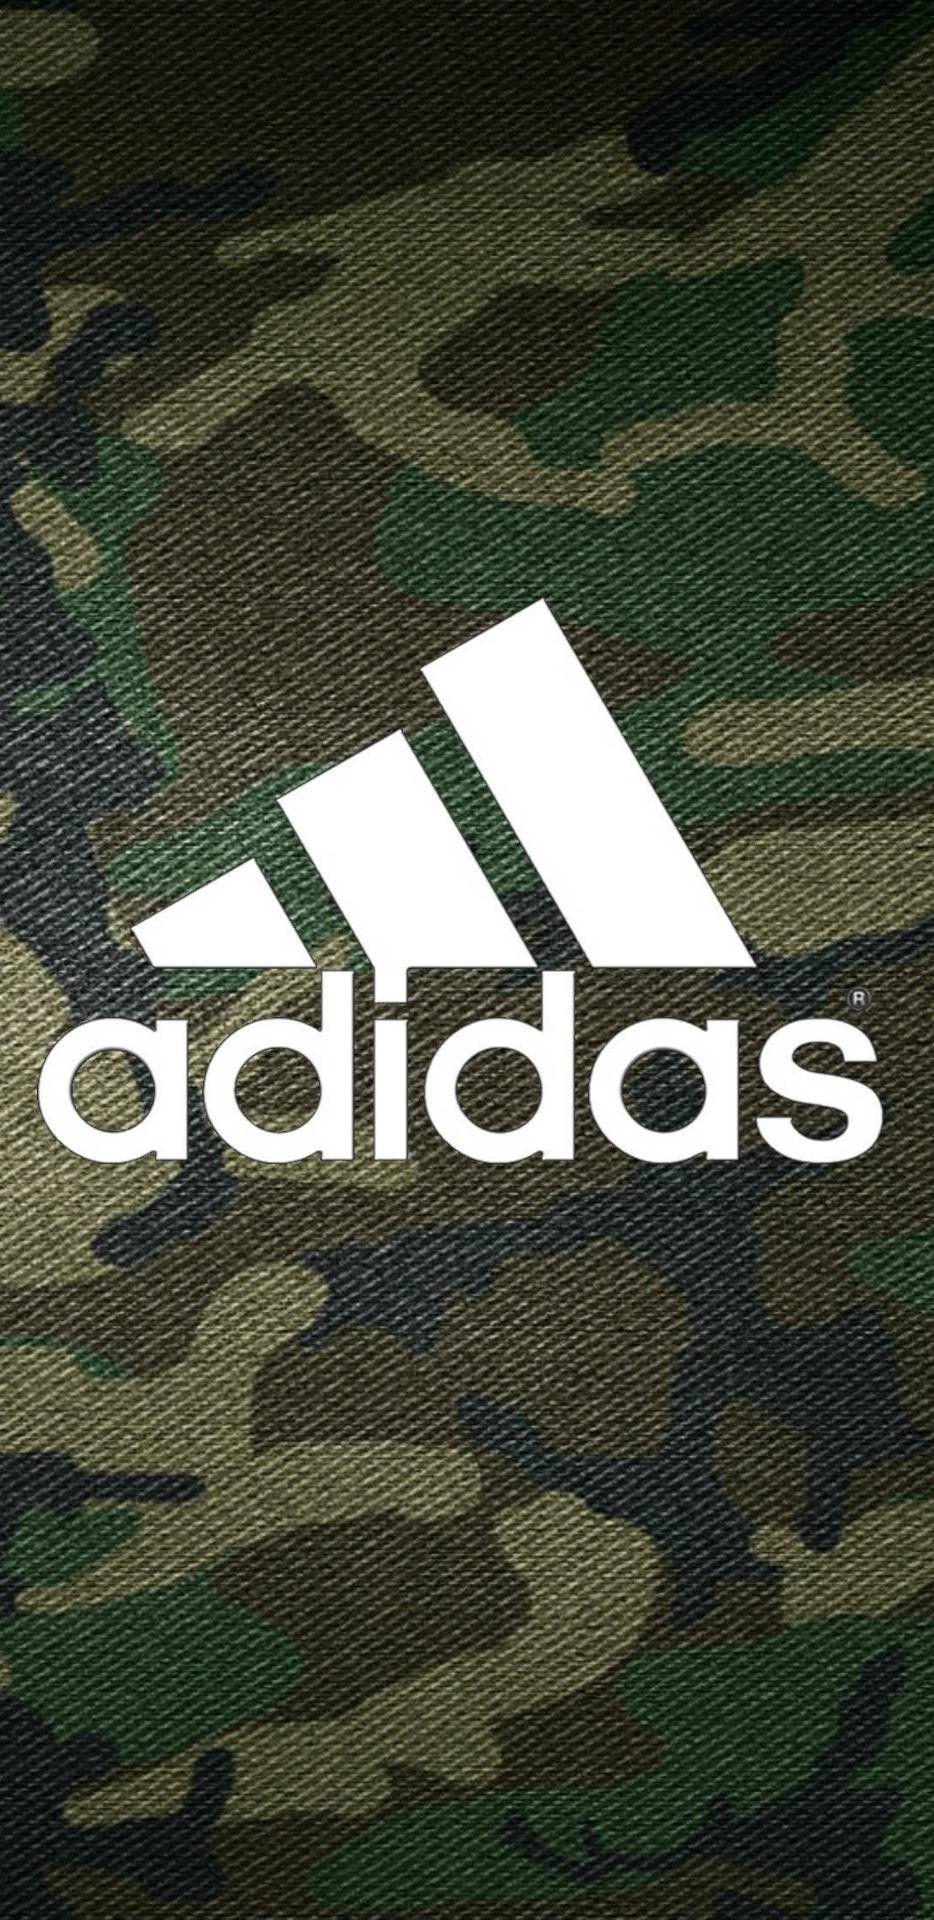 Nike Adidas New Balance おしゃれまとめの人気アイデア Pinterest Crazyfox Bg アディダス壁紙 スポーツデザイン Iphone 用壁紙